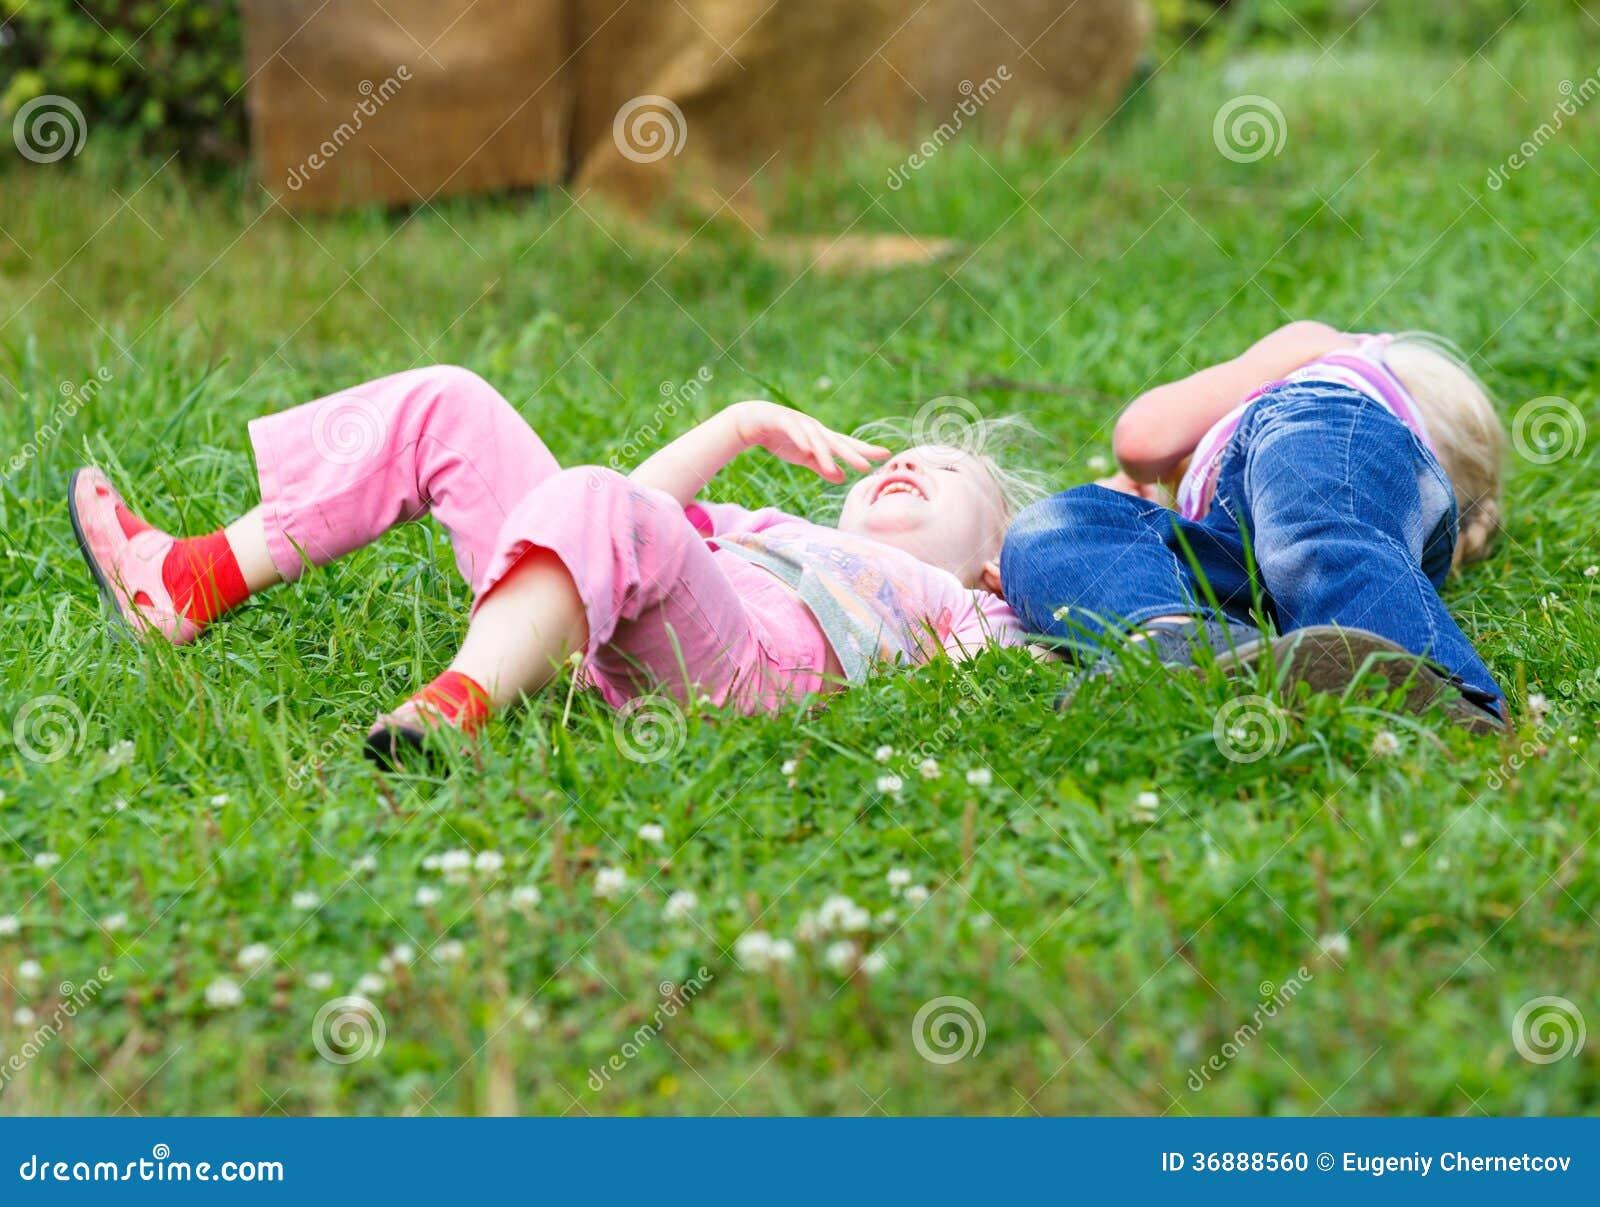 Download Due Ragazze Che Giocano Sull'erba Verde Fotografia Stock - Immagine di prato, bambino: 36888560